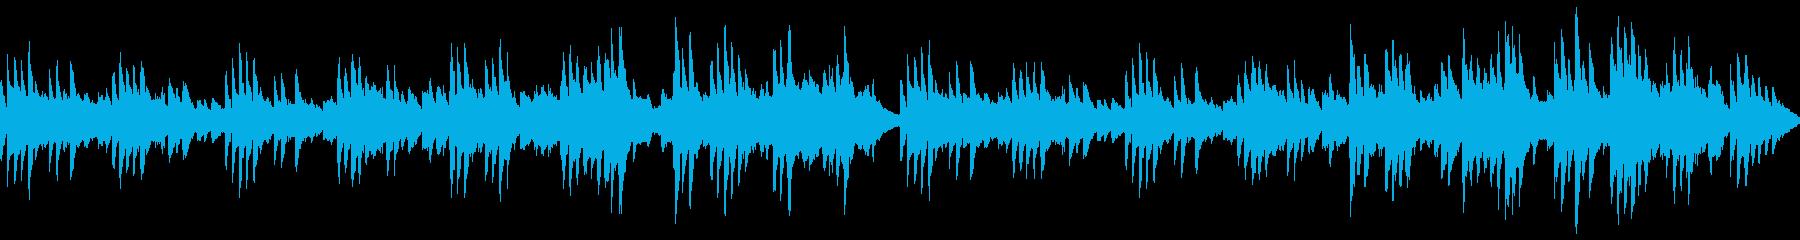 サロン・休憩・配信 優しいピアノ/ループの再生済みの波形